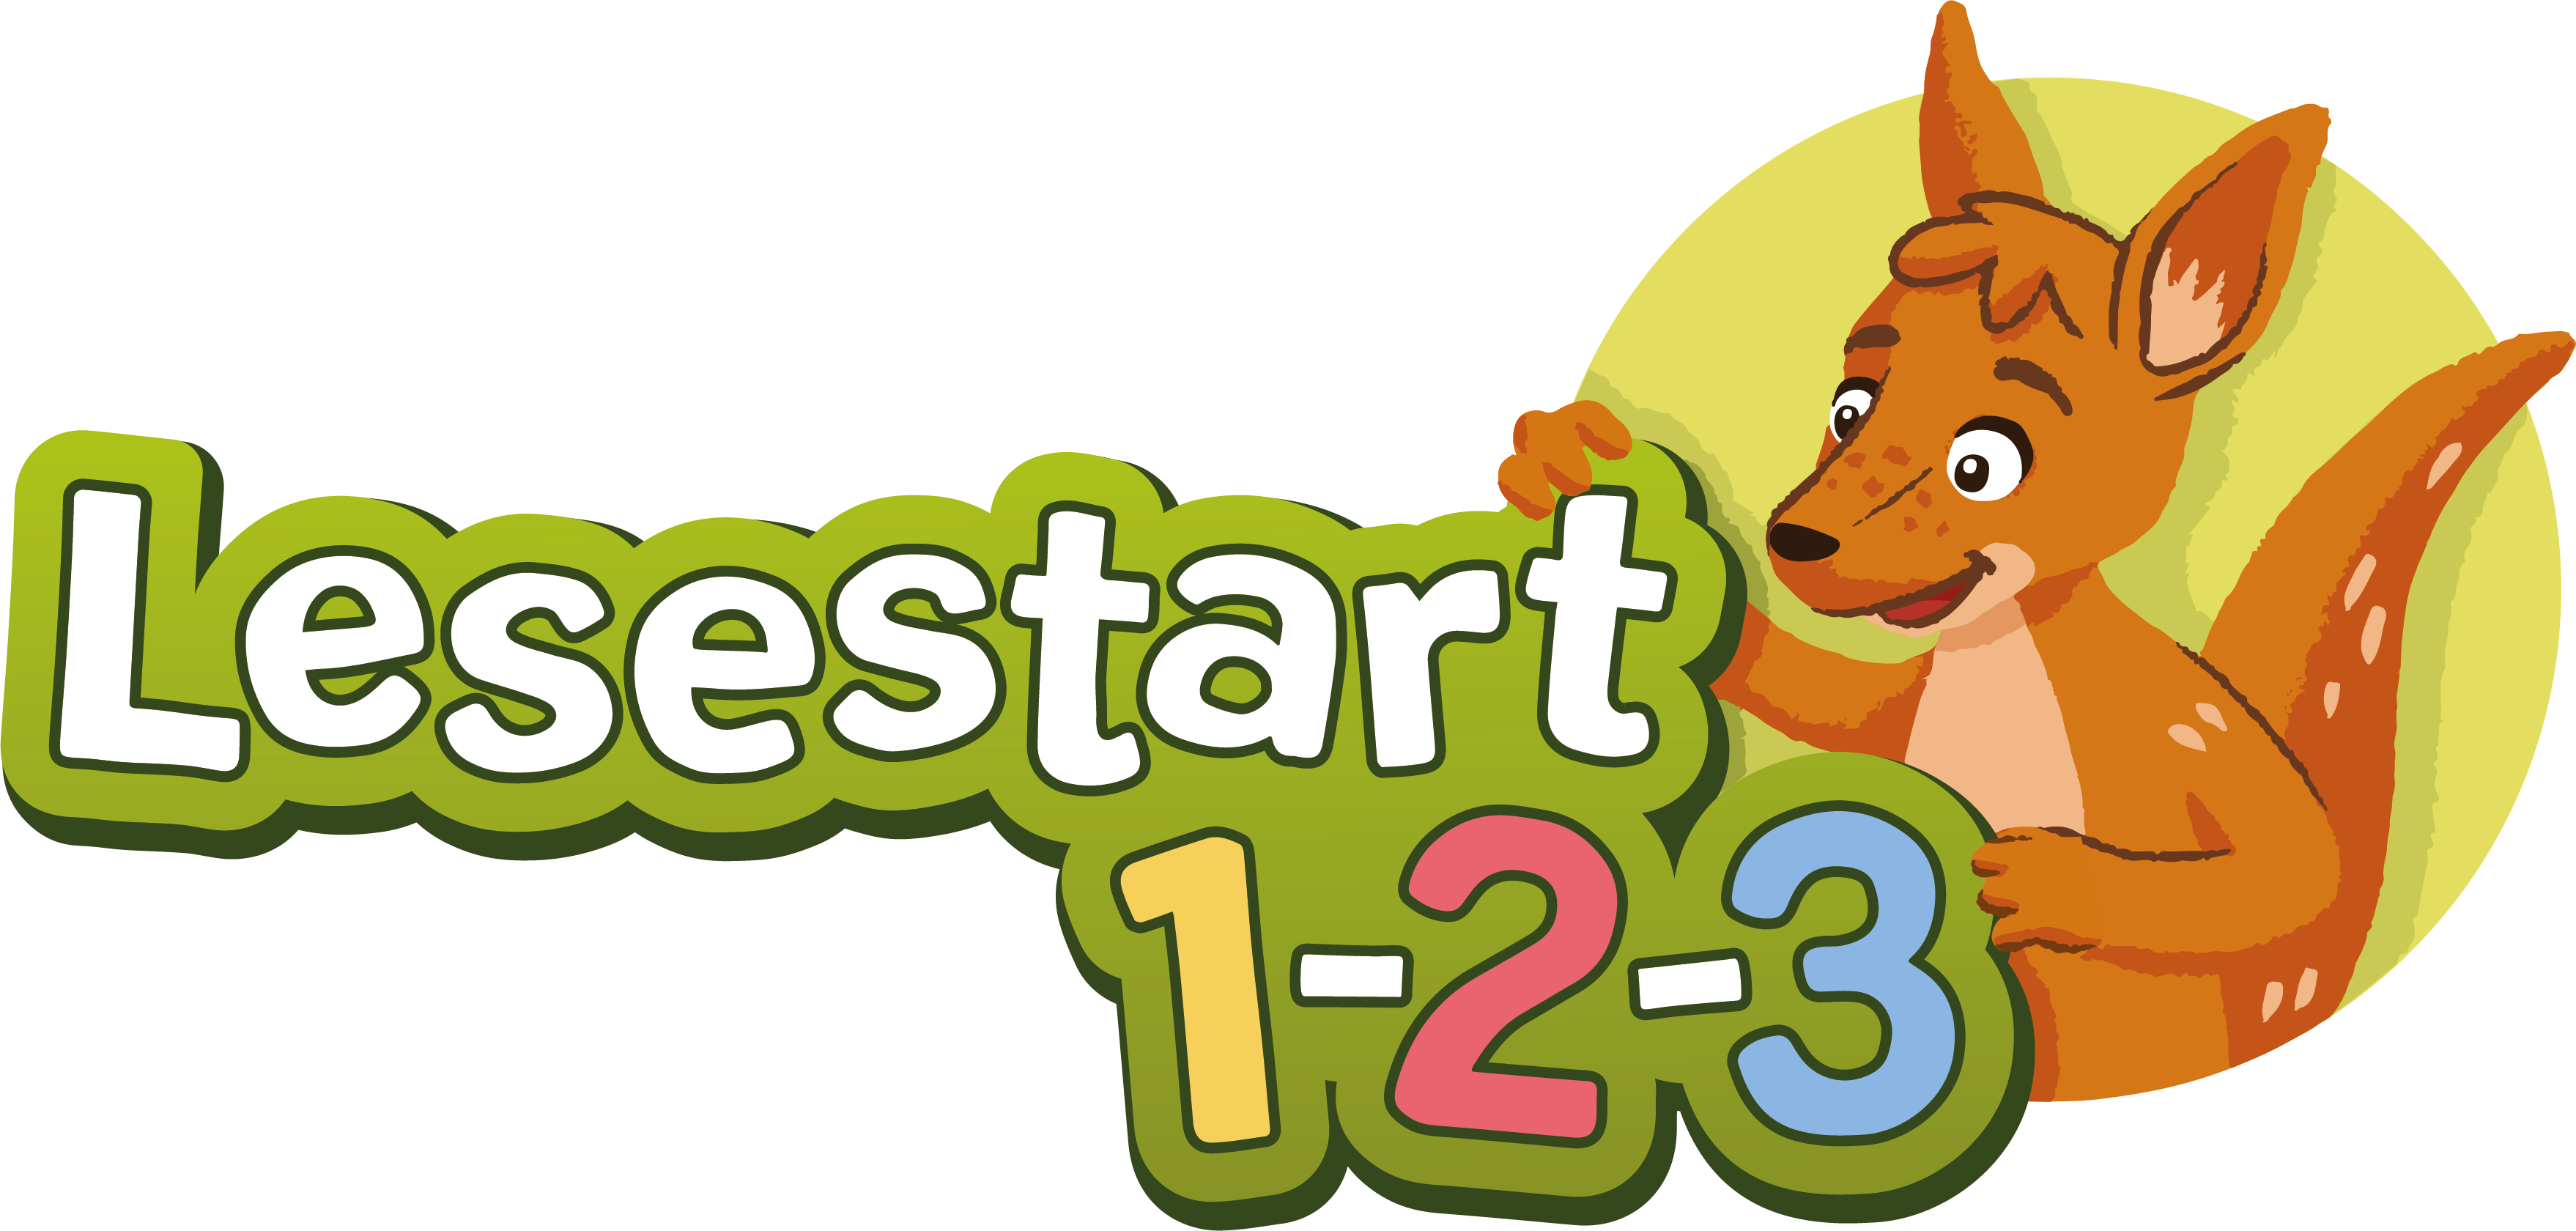 Lesestart 1–2–3: Ab 1. Juni 2021 registrieren